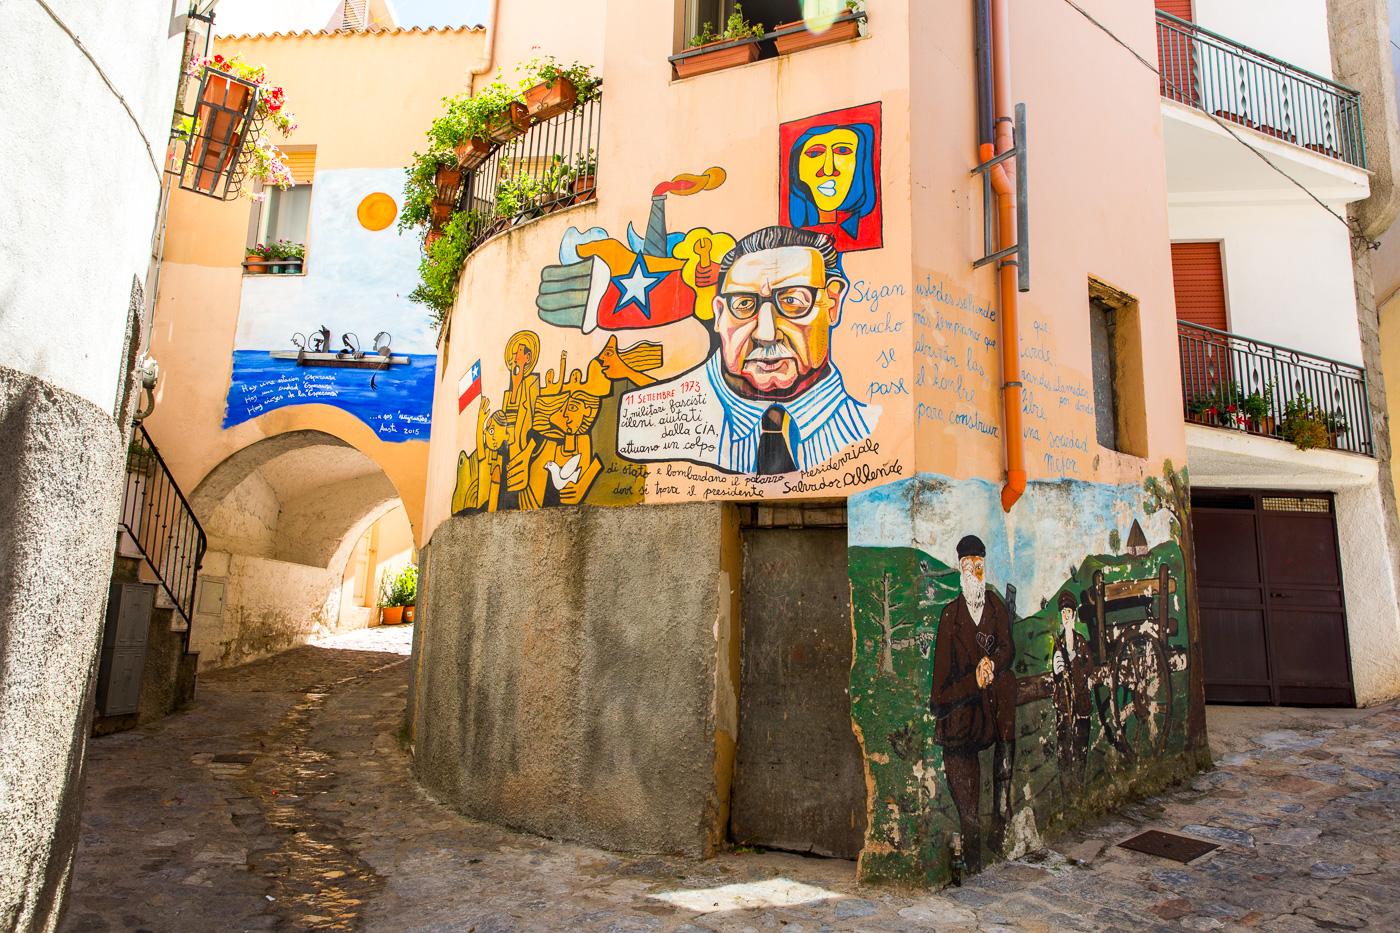 Italy_Sardinia-24.jpg